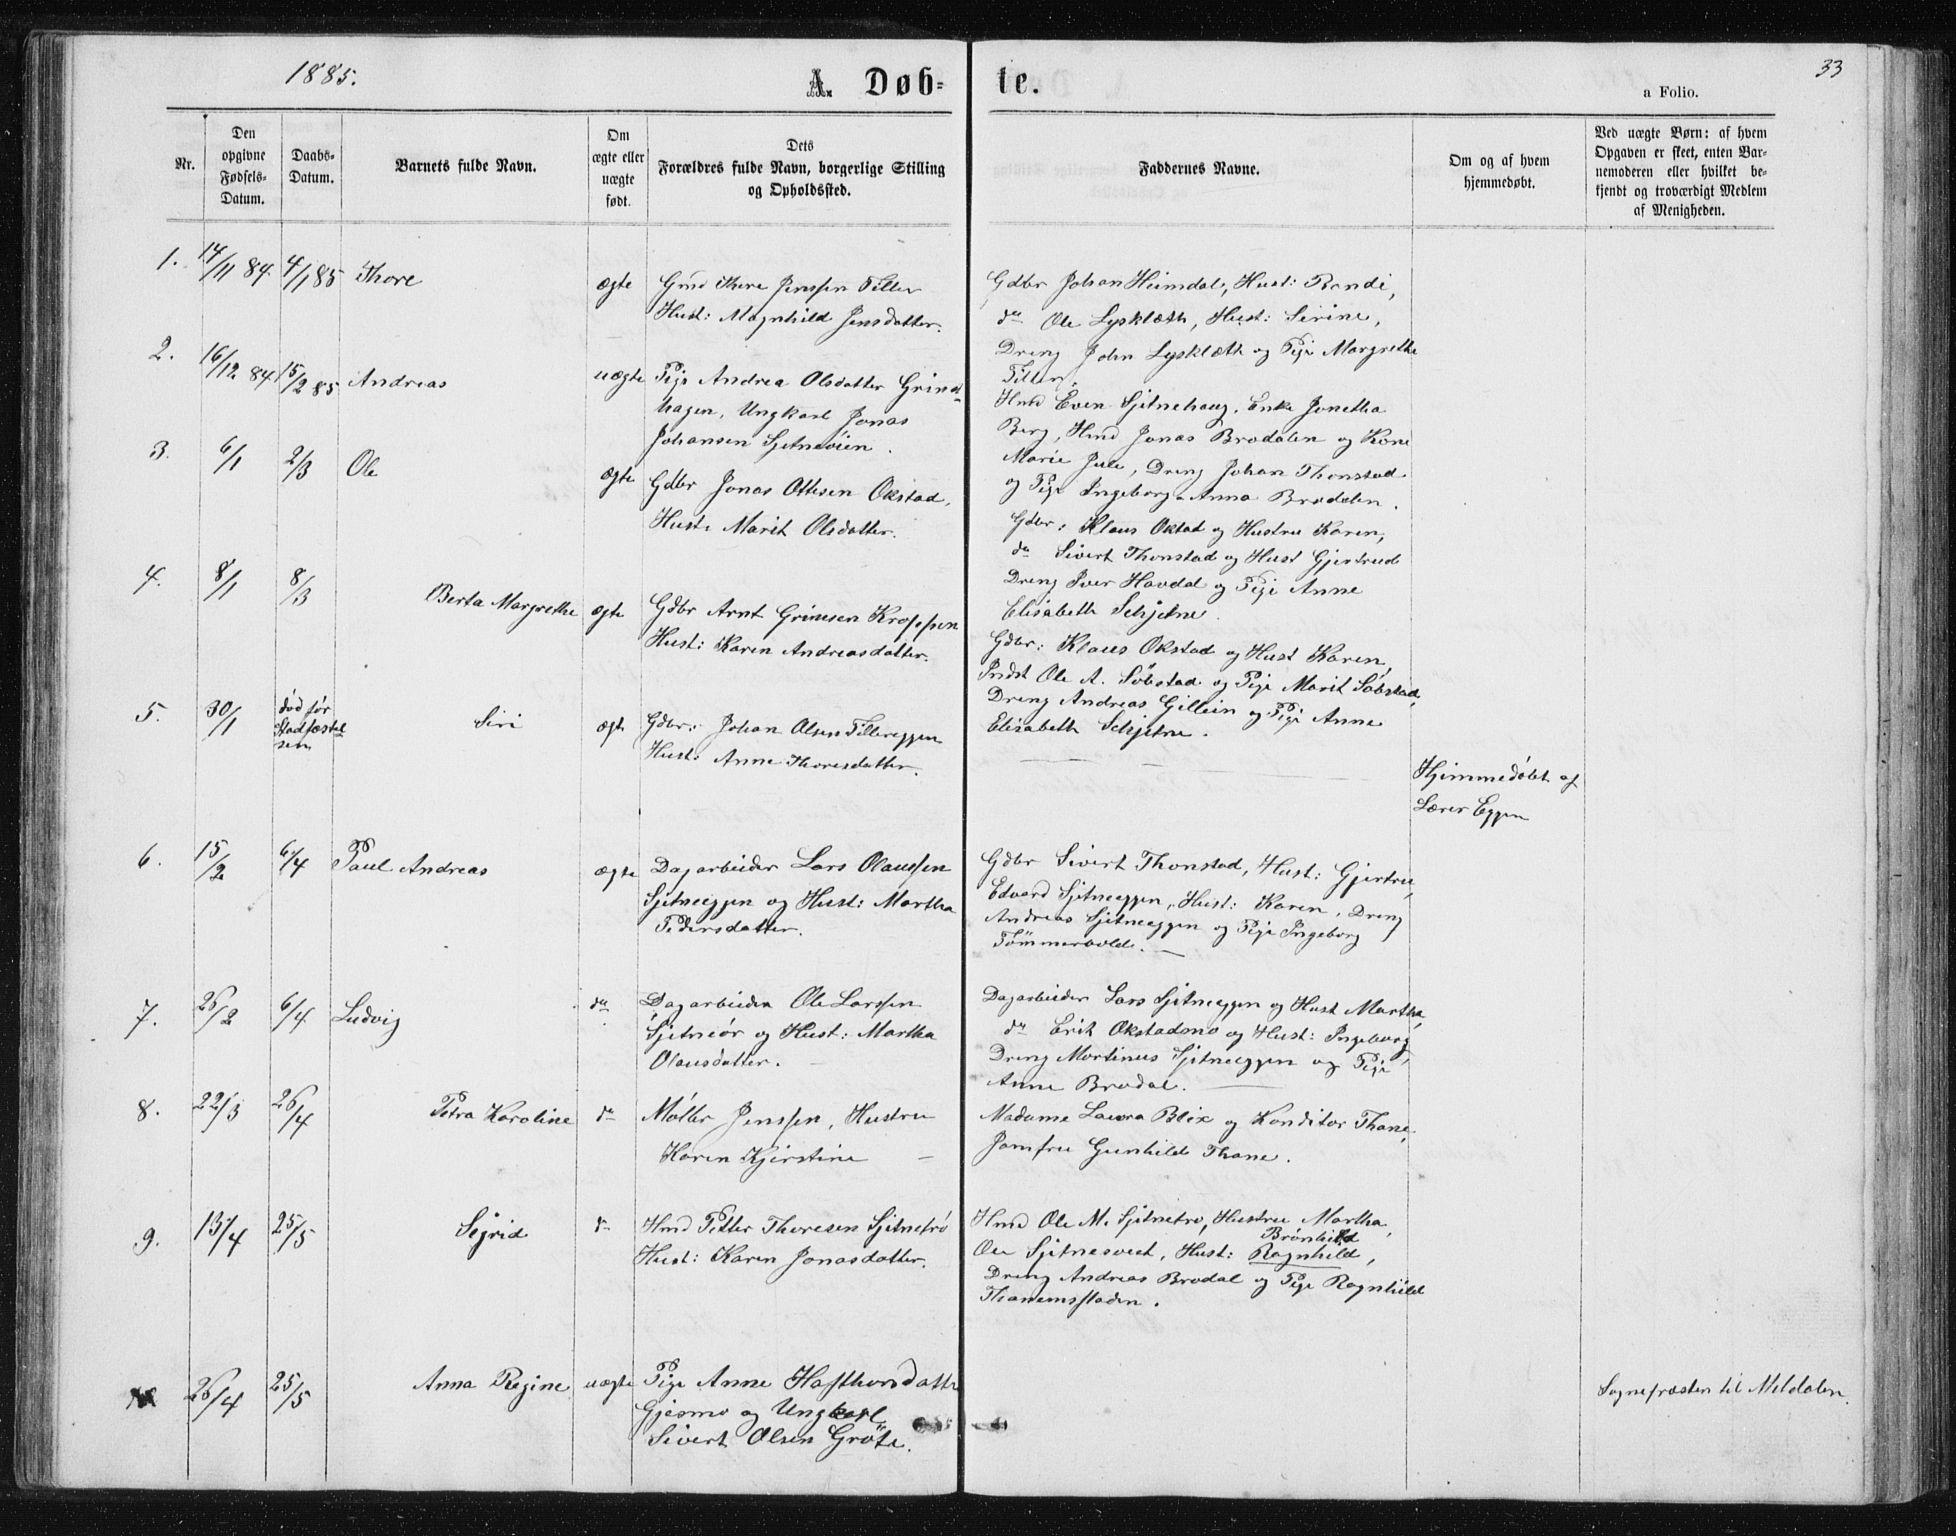 SAT, Ministerialprotokoller, klokkerbøker og fødselsregistre - Sør-Trøndelag, 621/L0459: Klokkerbok nr. 621C02, 1866-1895, s. 33